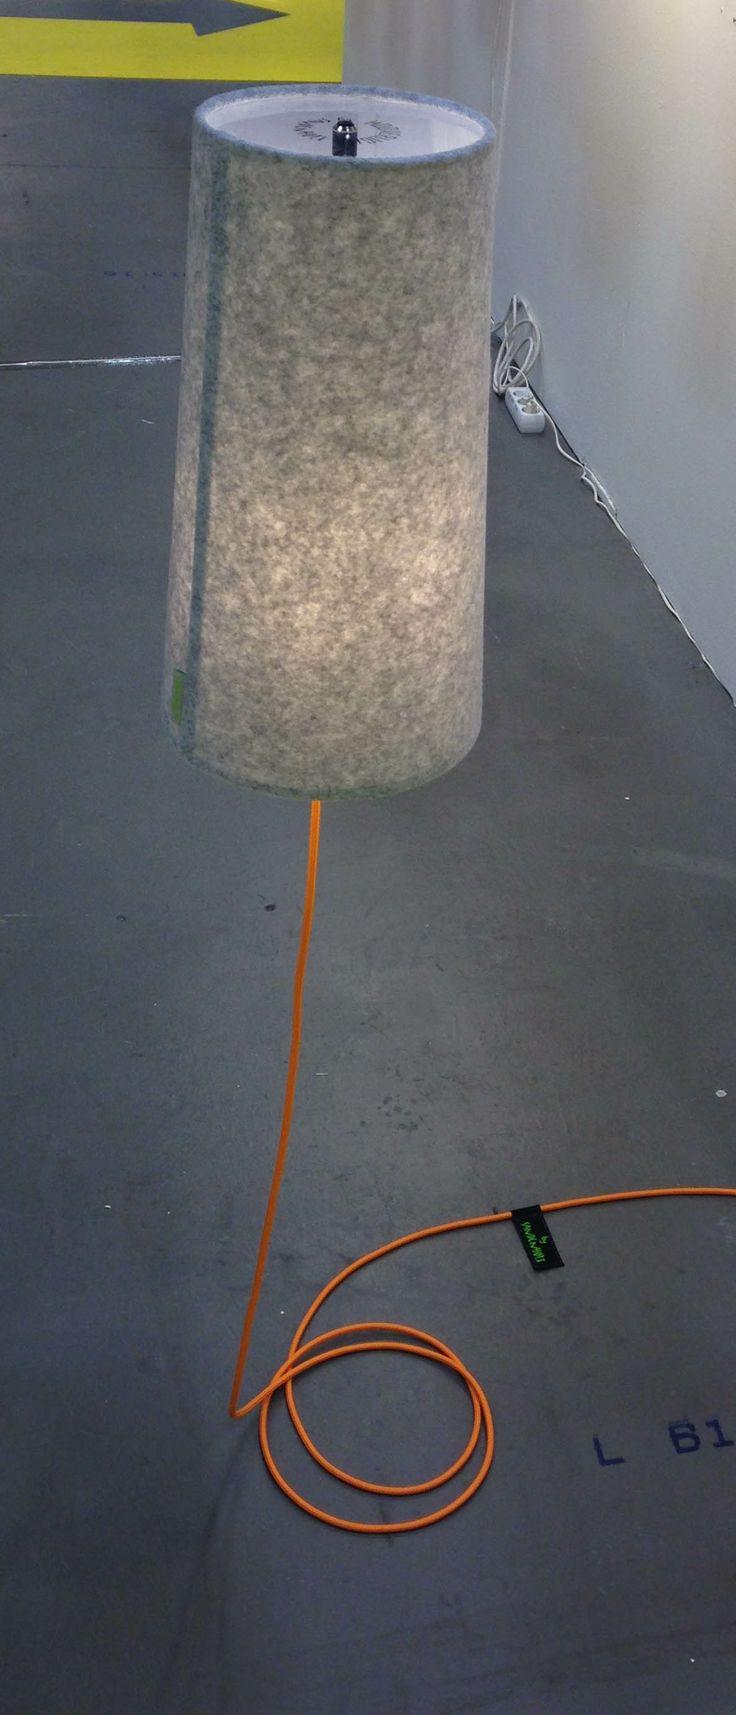 Hooverlight